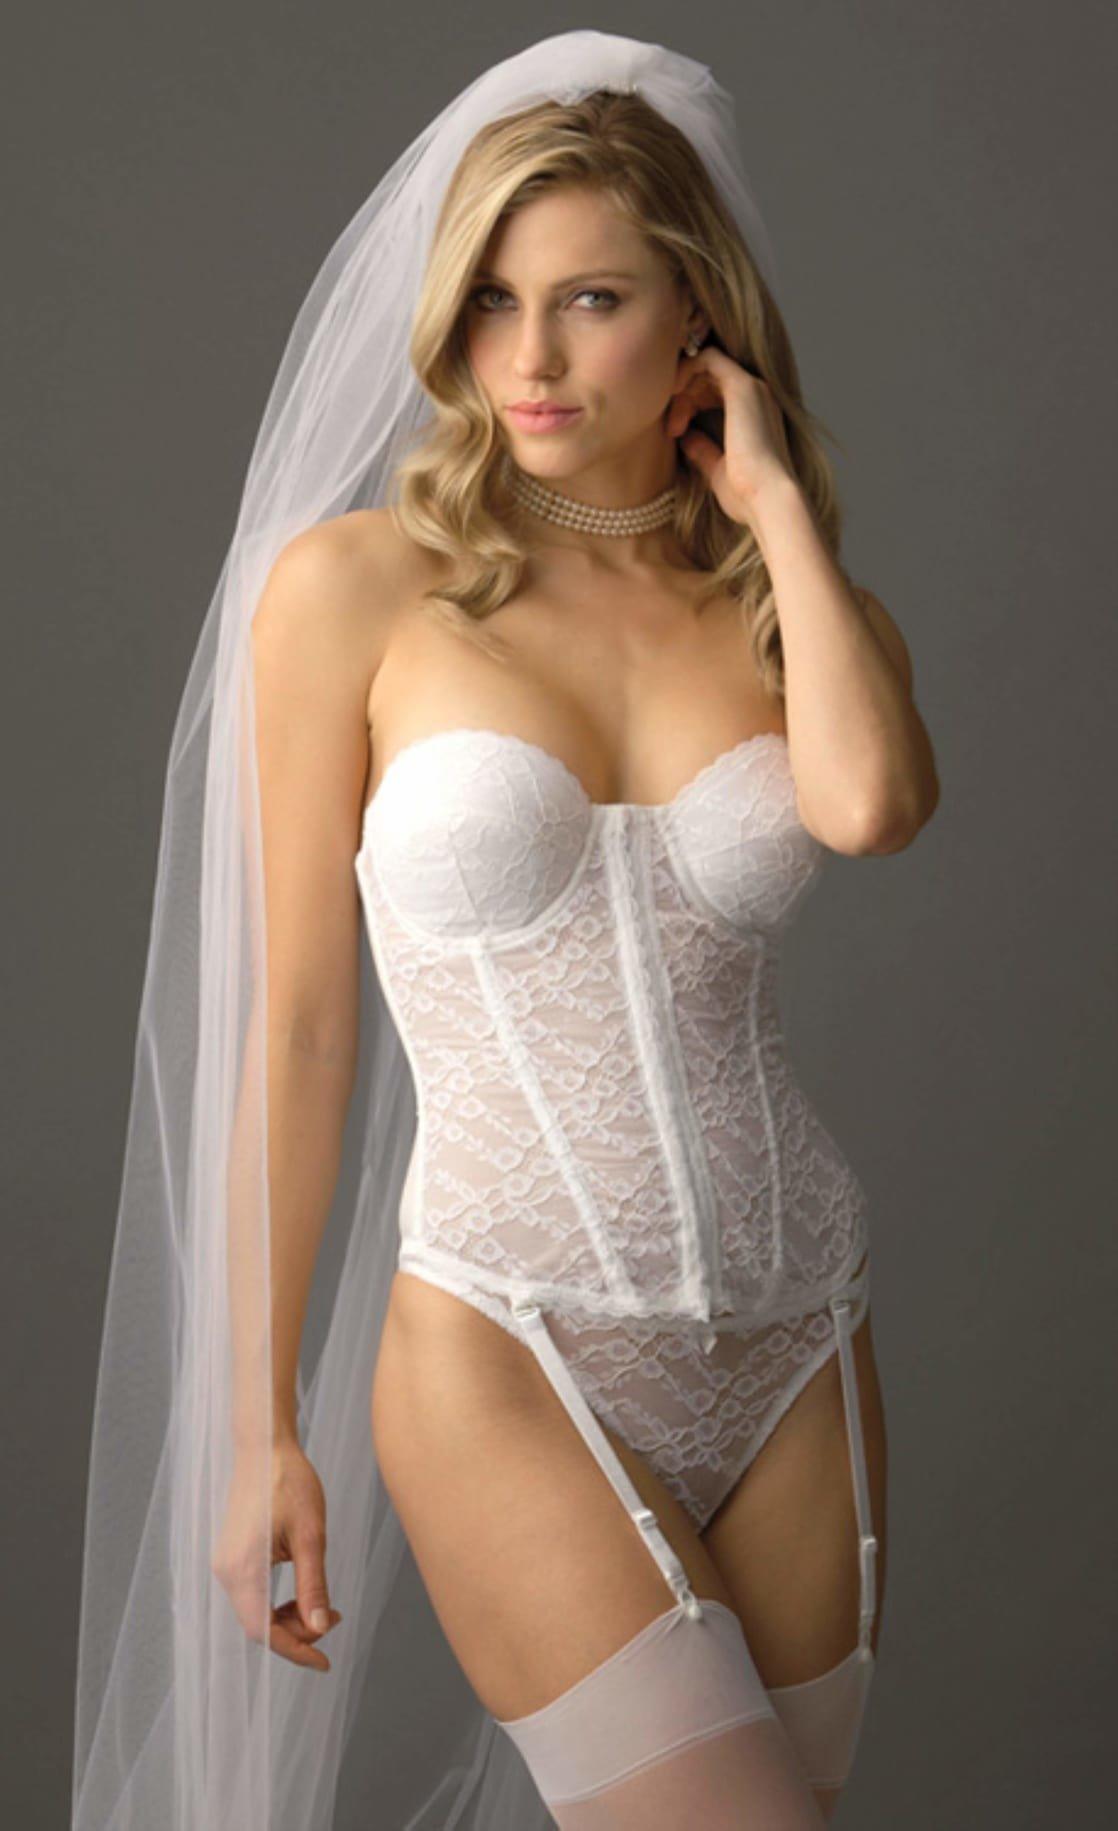 означает секуальная невеста фото бывают случаи, когда